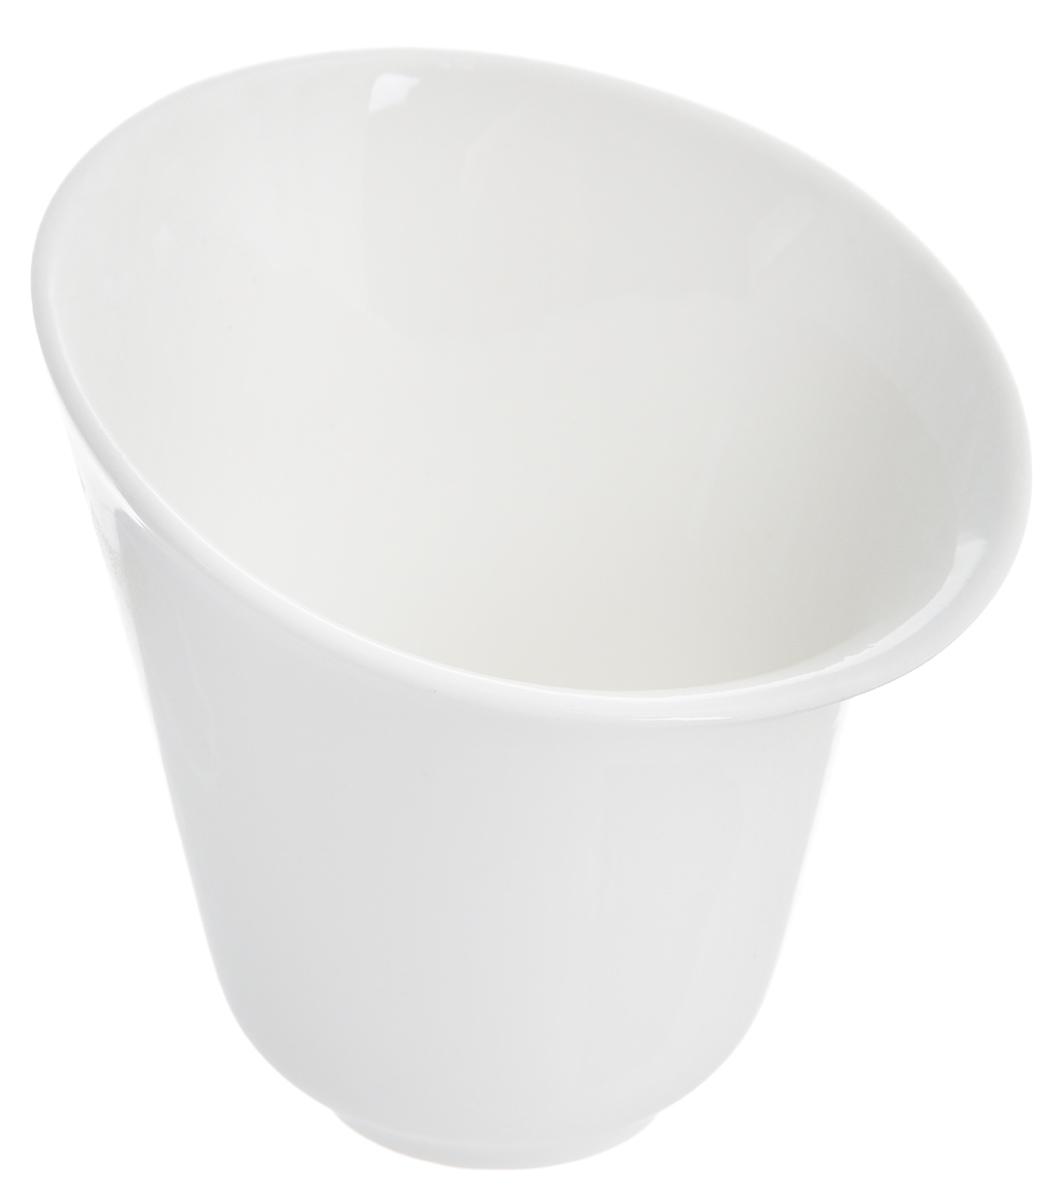 Салатник Deagourmet Soffio, 250 мл148Оригинальный салатник Deagourmet Soffio, изготовленный из высококачественного фарфора,сочетает в себе изысканный дизайн с максимальной функциональностью.Он идеально подходит для сервировки стола и подачи закусок, солений и других блюд. Такой салатник прекрасно впишется в интерьер вашей кухни и станет достойным подарком клюбому празднику.